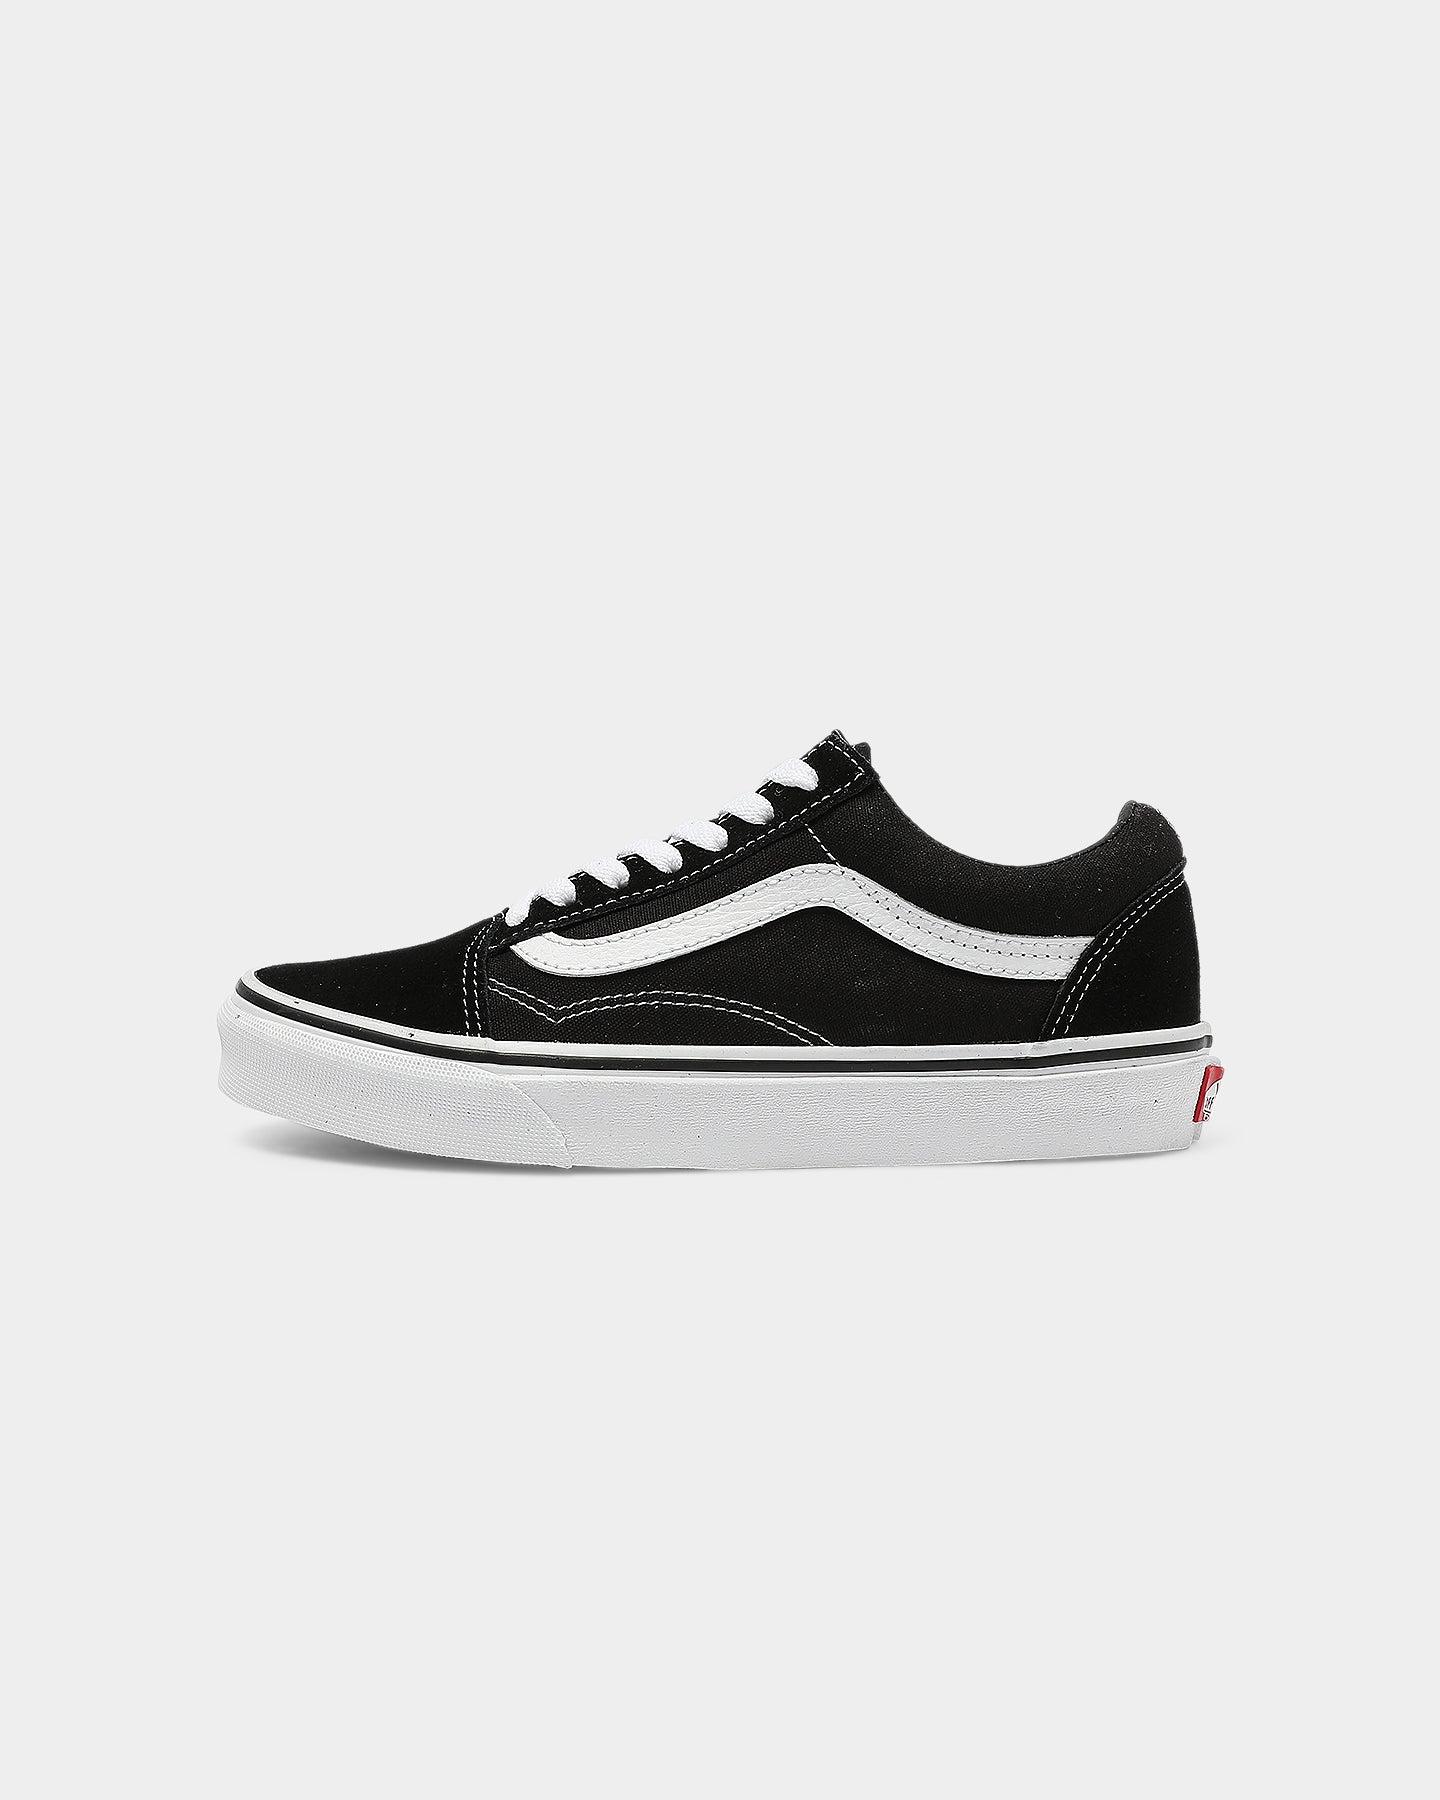 Vans Old Skool Black/white | Culture Kings